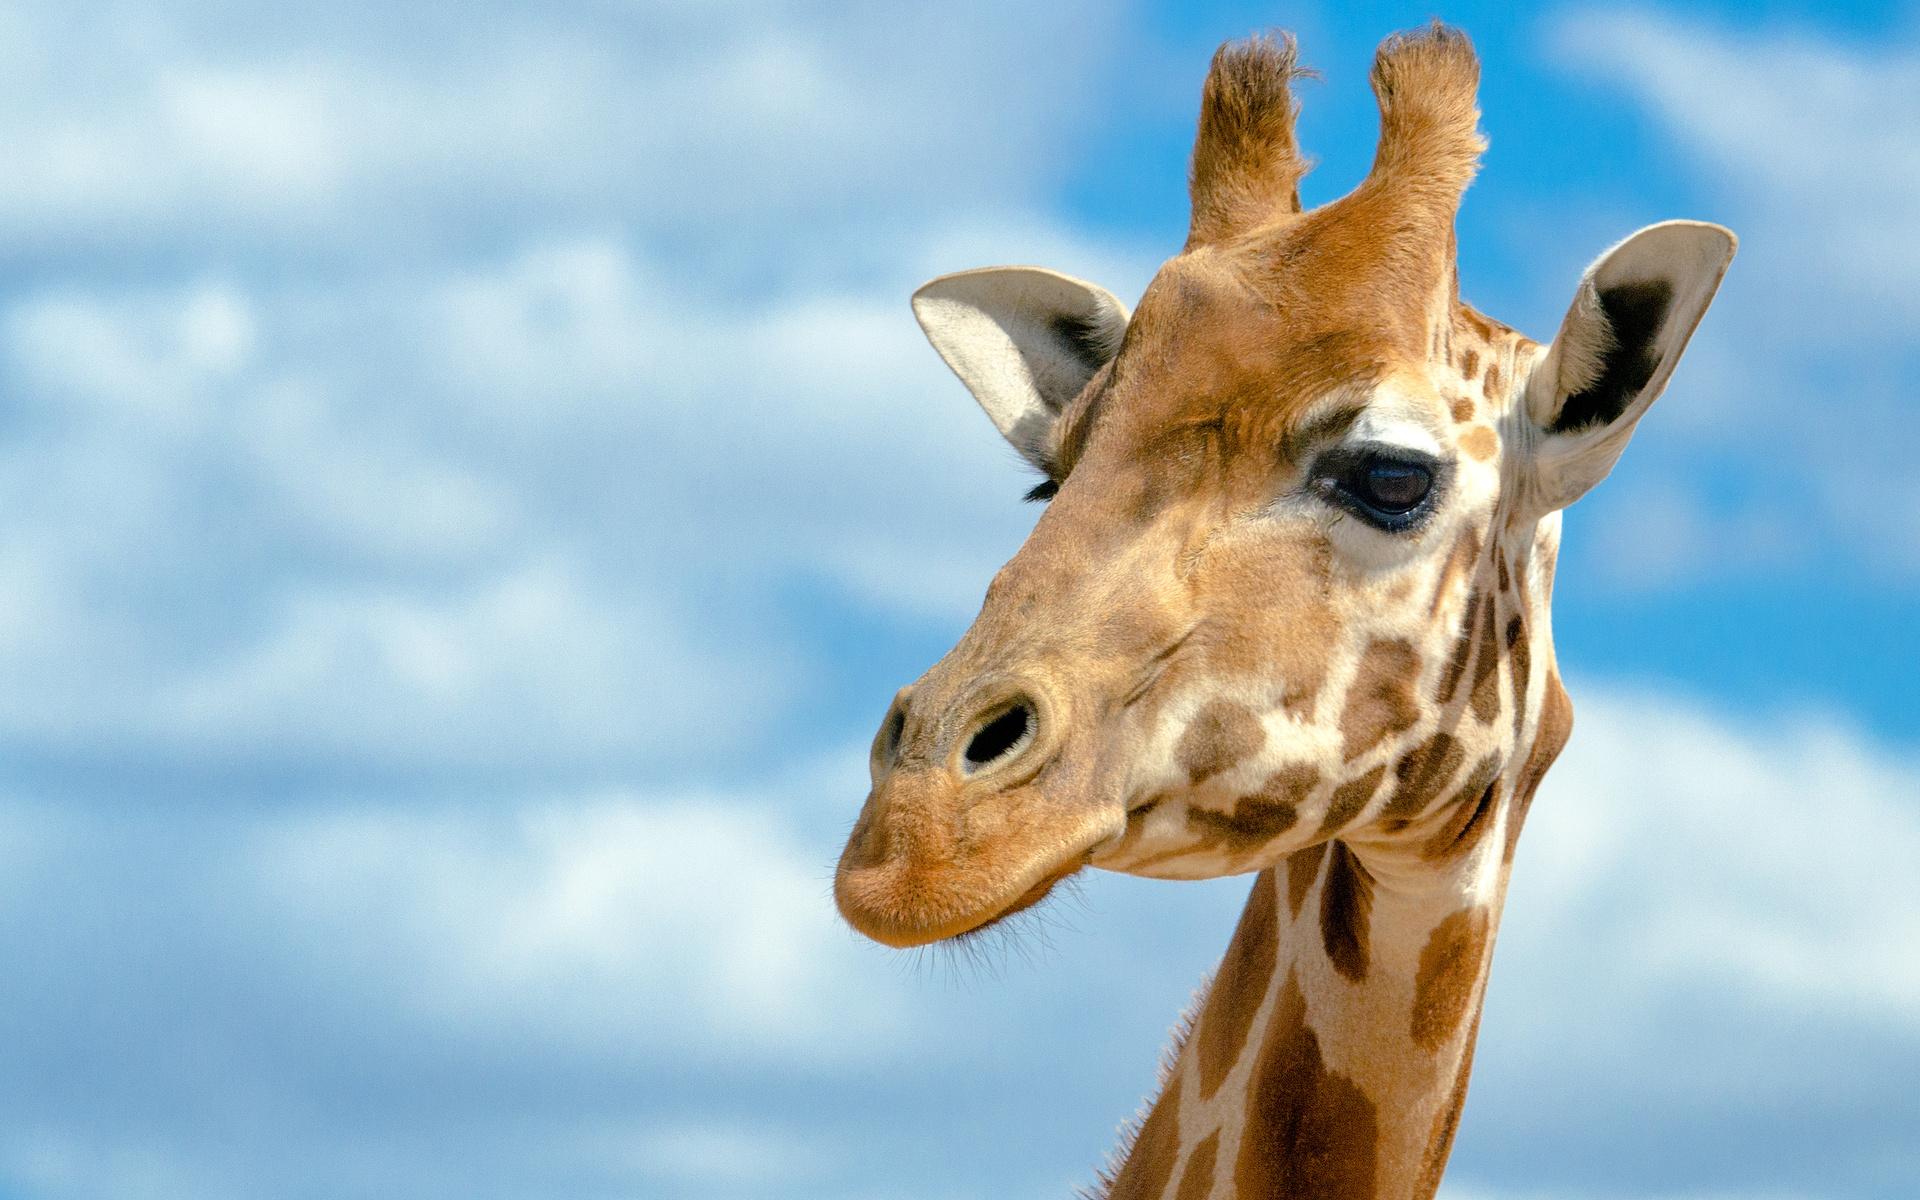 Giraffe HD Wallpaper